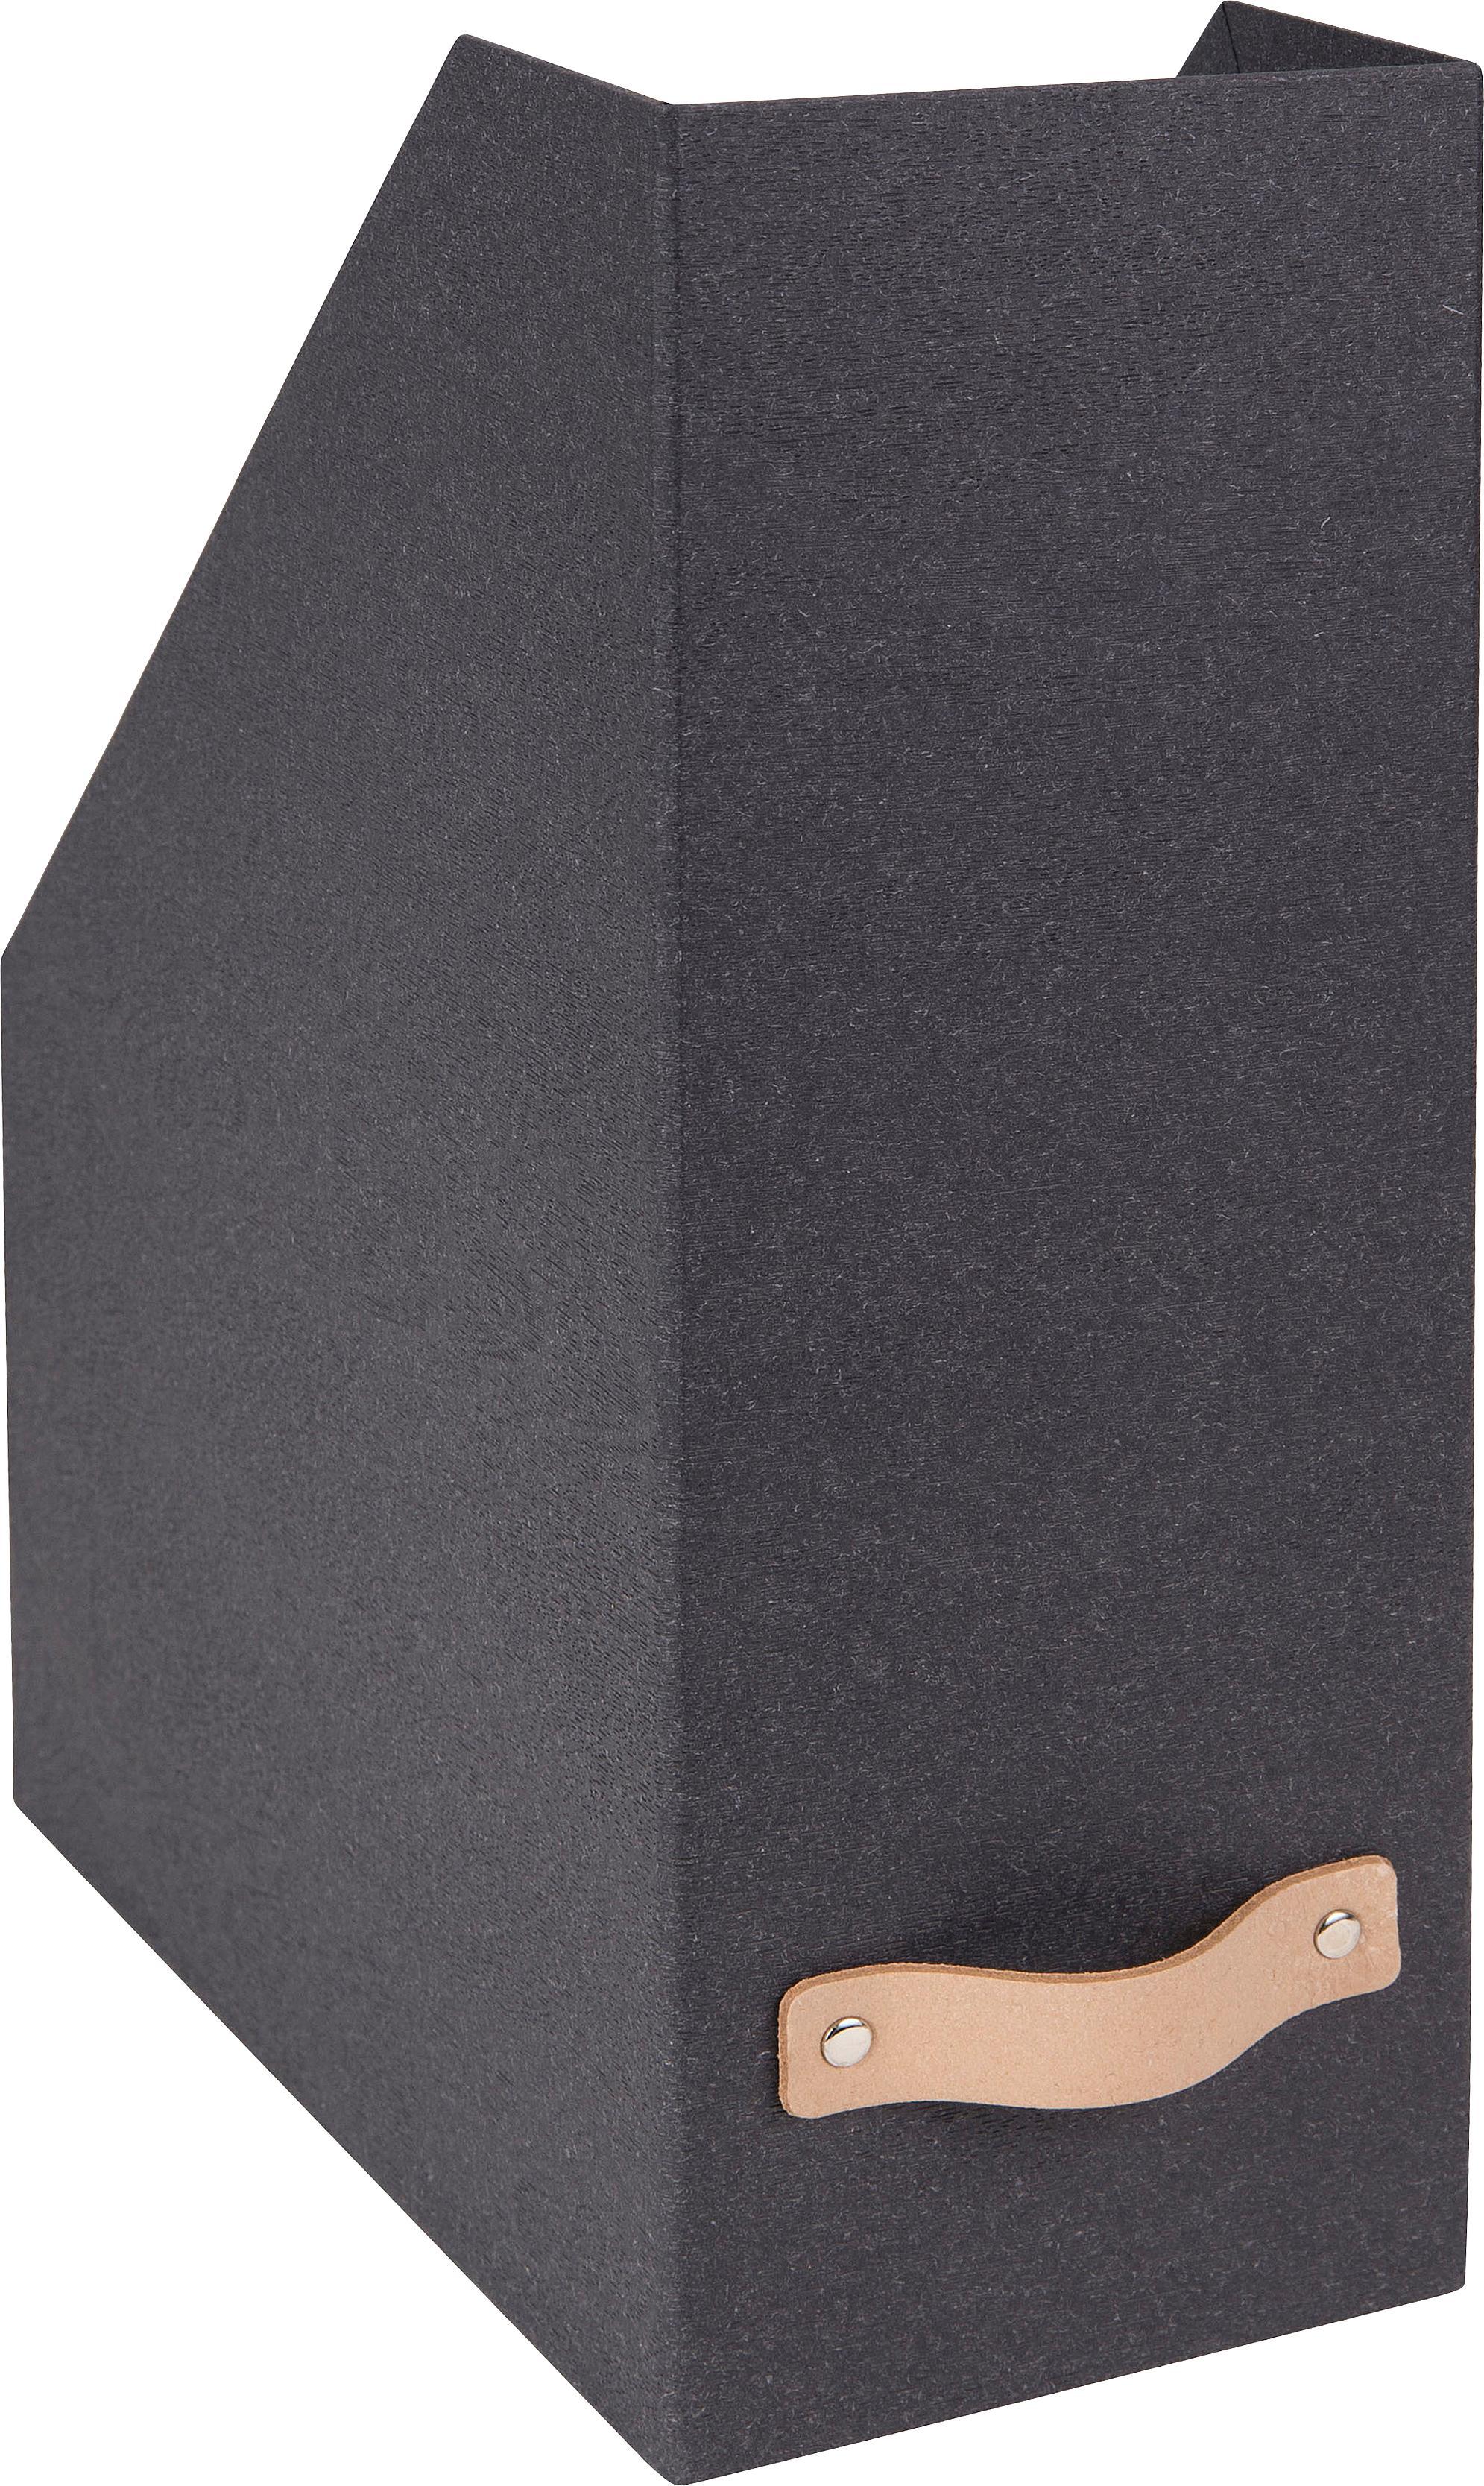 Portadocumenti Estelle, Manico: pelle, Portadocumenti: nero<br>Manico: beige, L 12 x A 32 cm